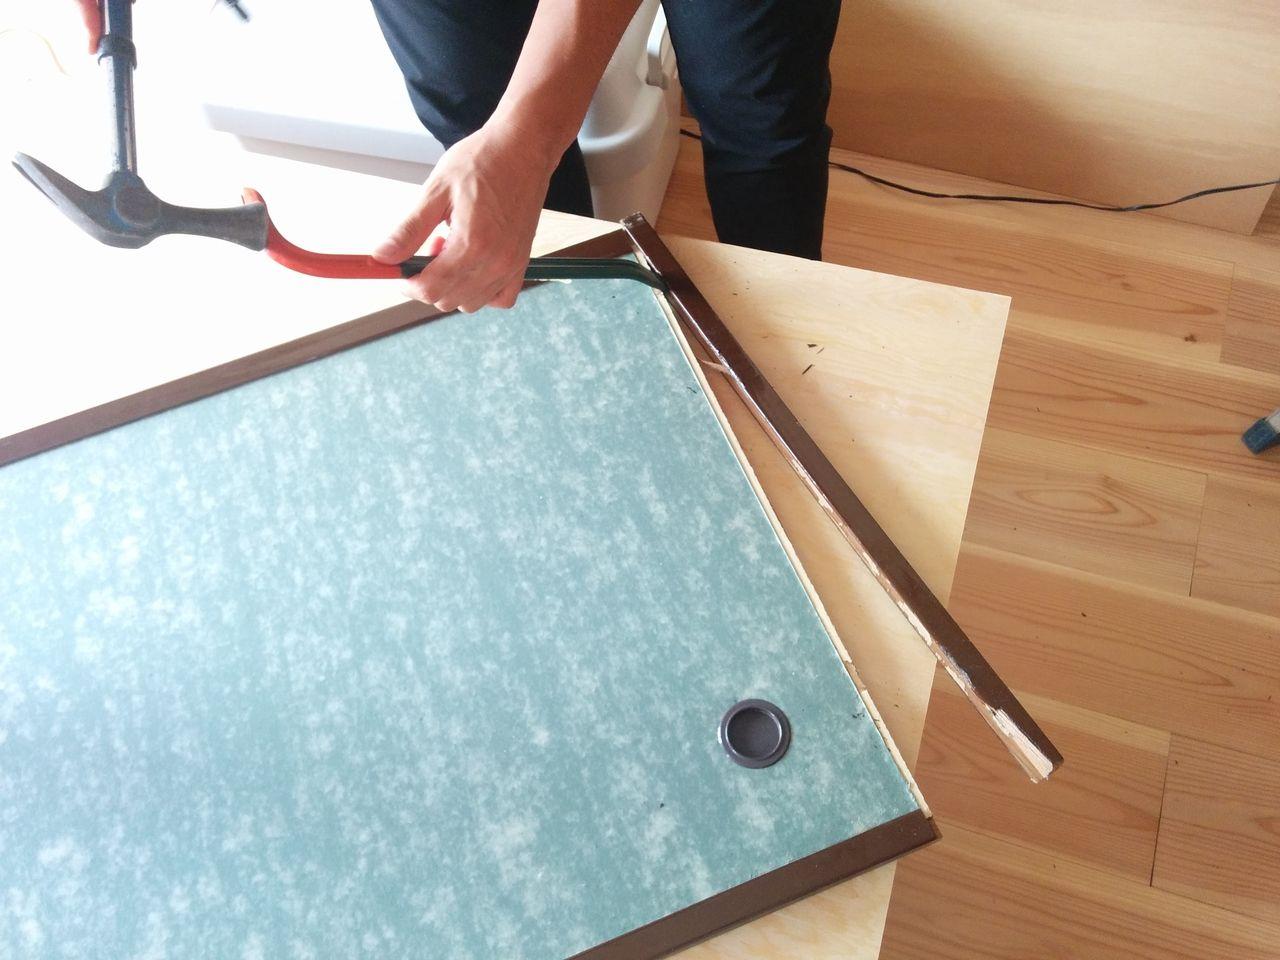 バールとハンマーを使って、襖の化粧縁と引手を解体します。